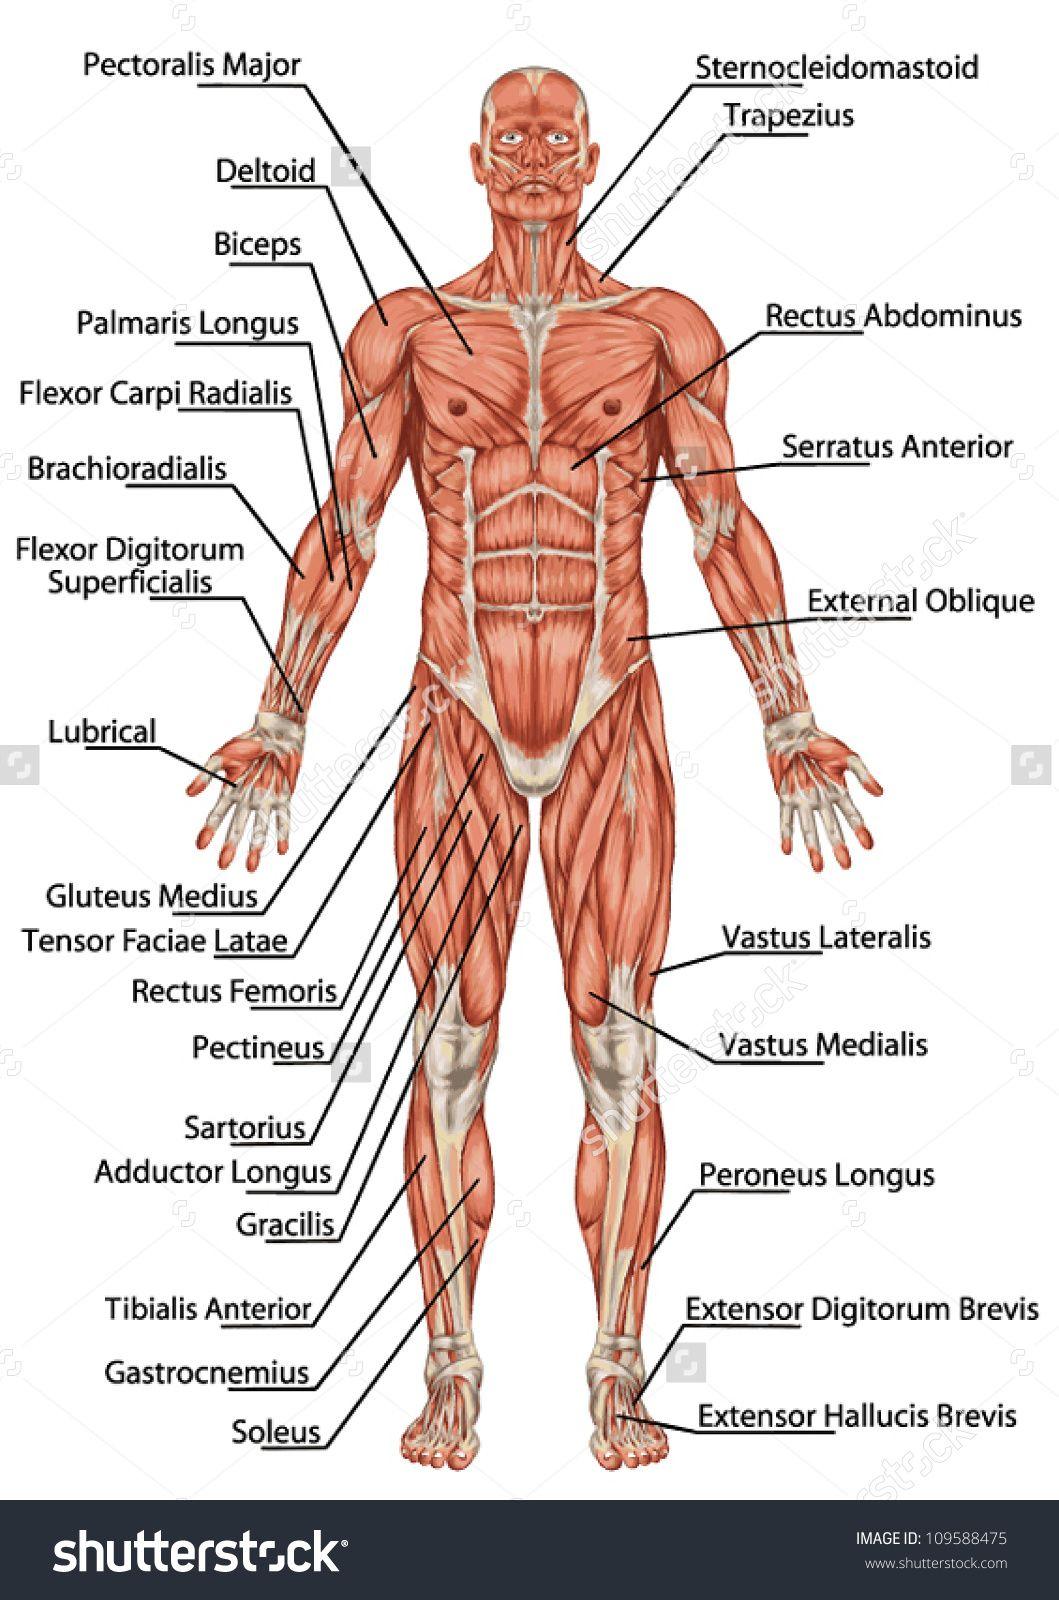 Man Muscular System Diagram - Electrical Work Wiring Diagram •